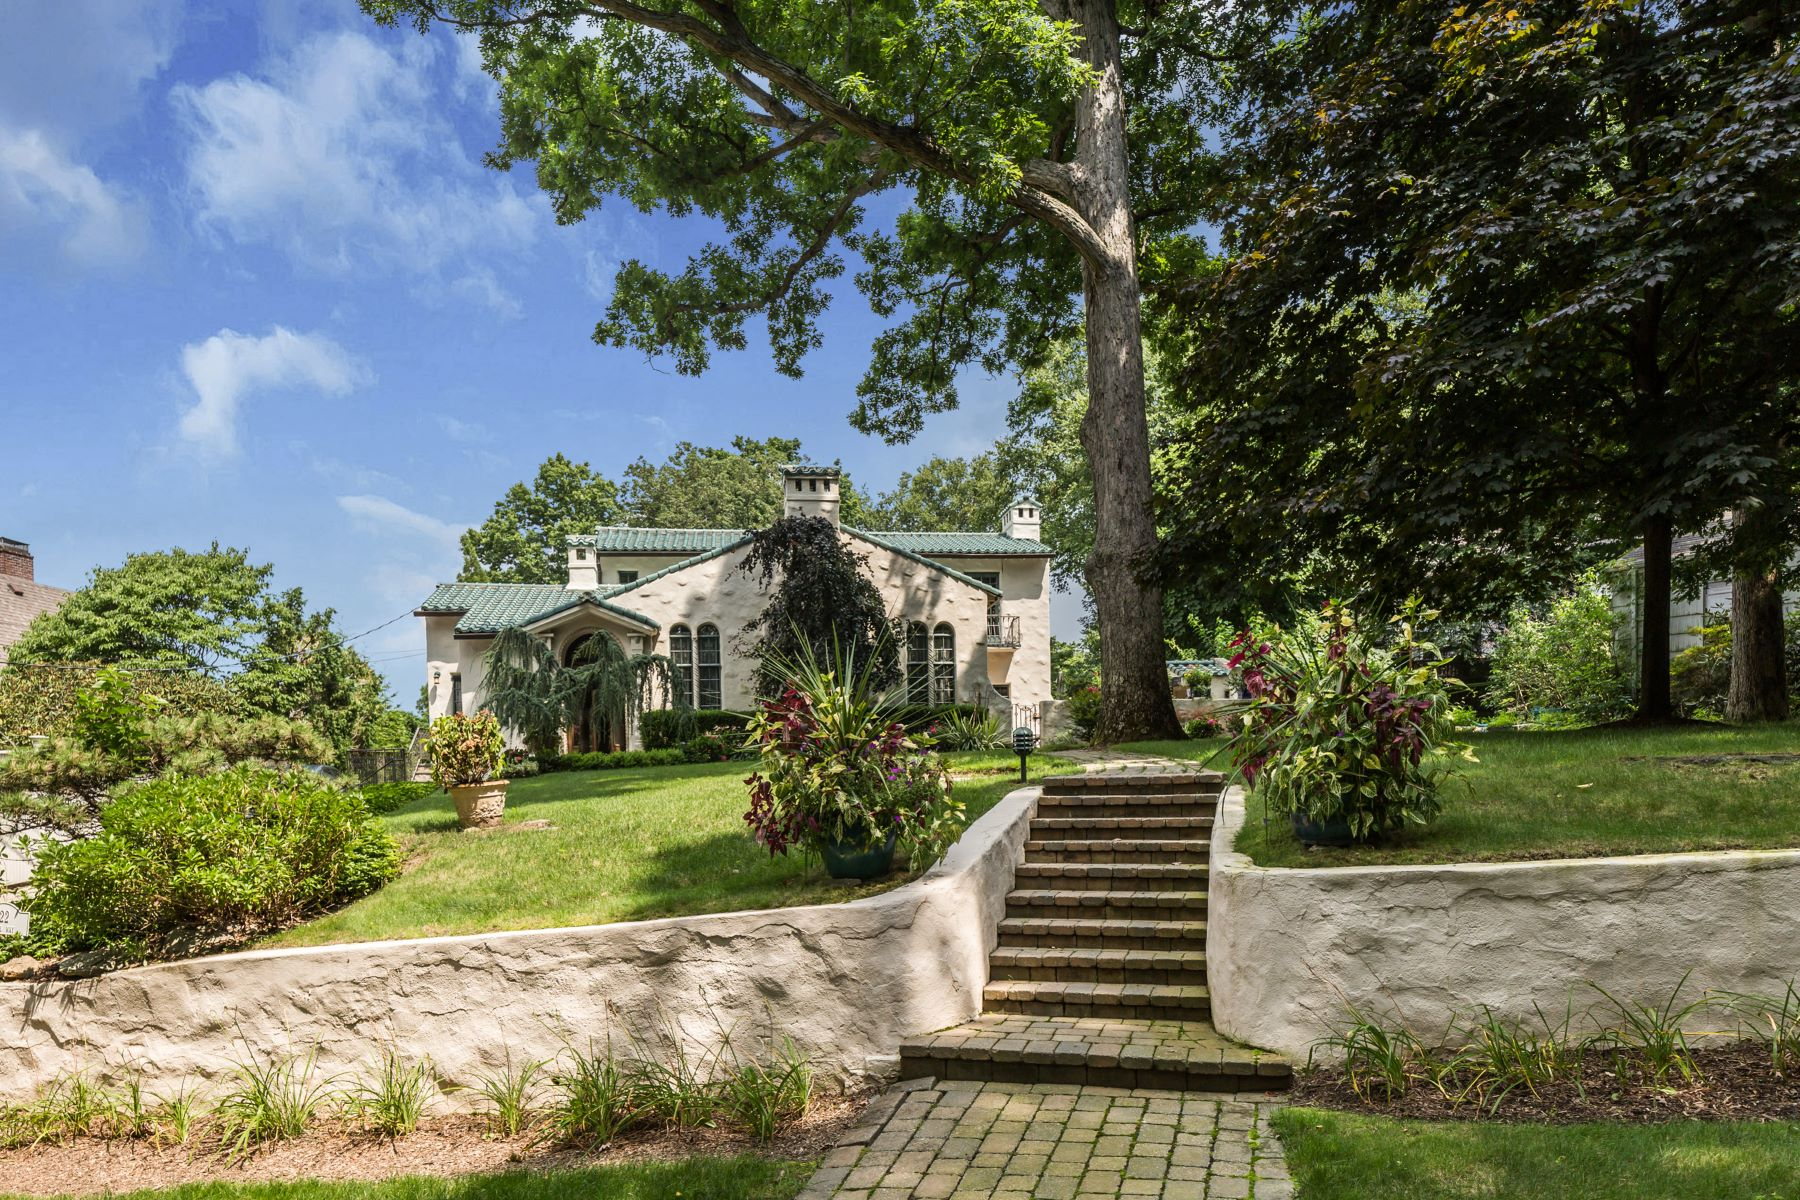 Частный односемейный дом для того Продажа на Spectacular Mediterranean 22 Club Way Hartsdale, Нью-Йорк 10530 Соединенные Штаты